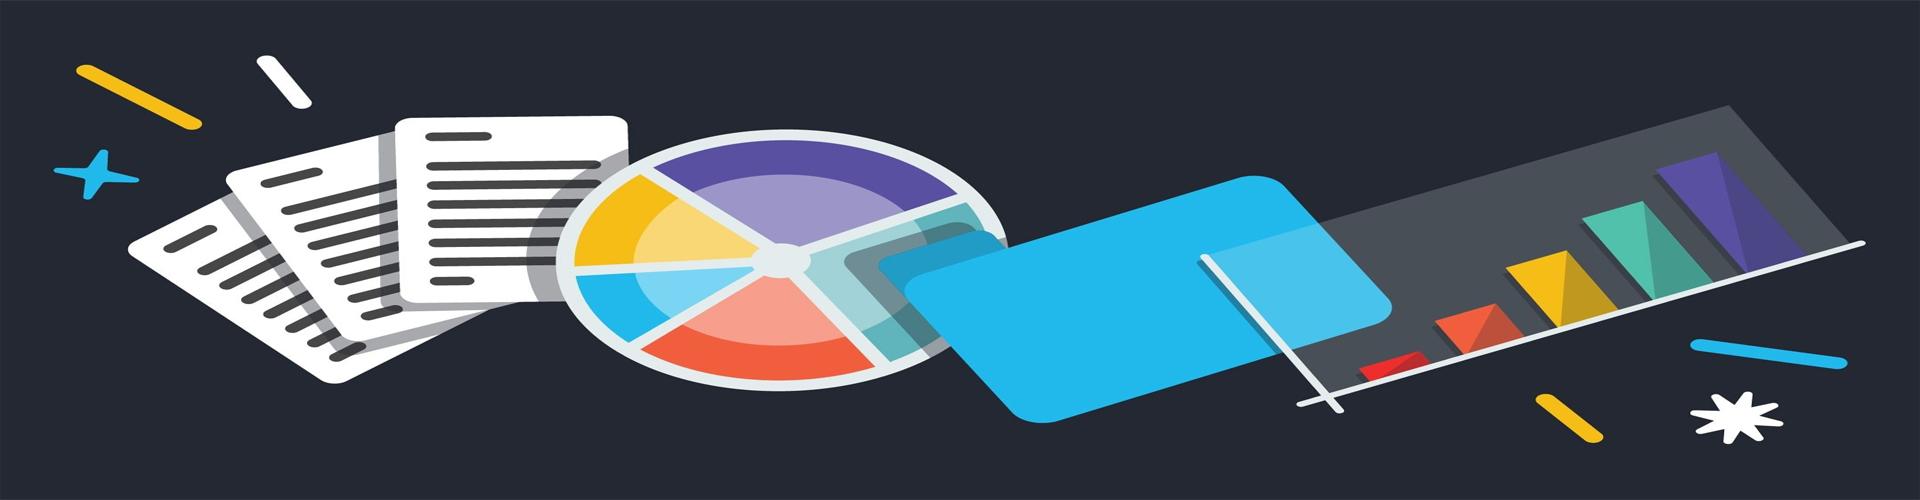 حسابداری آنلاین - حسابدار به روز